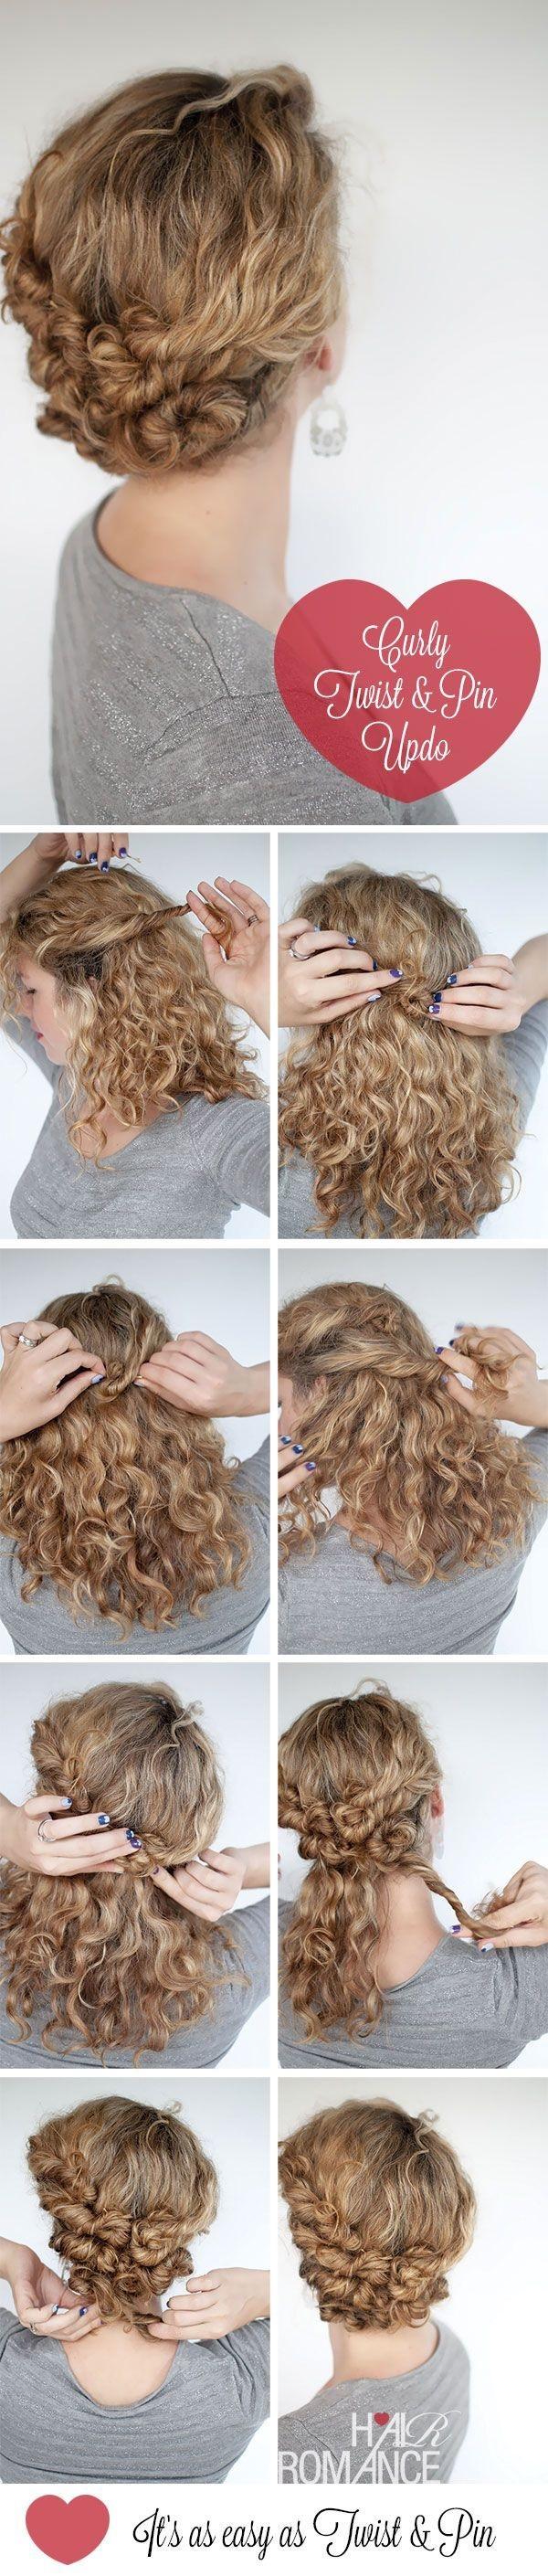 coiffure-cheveux-bouclés-14